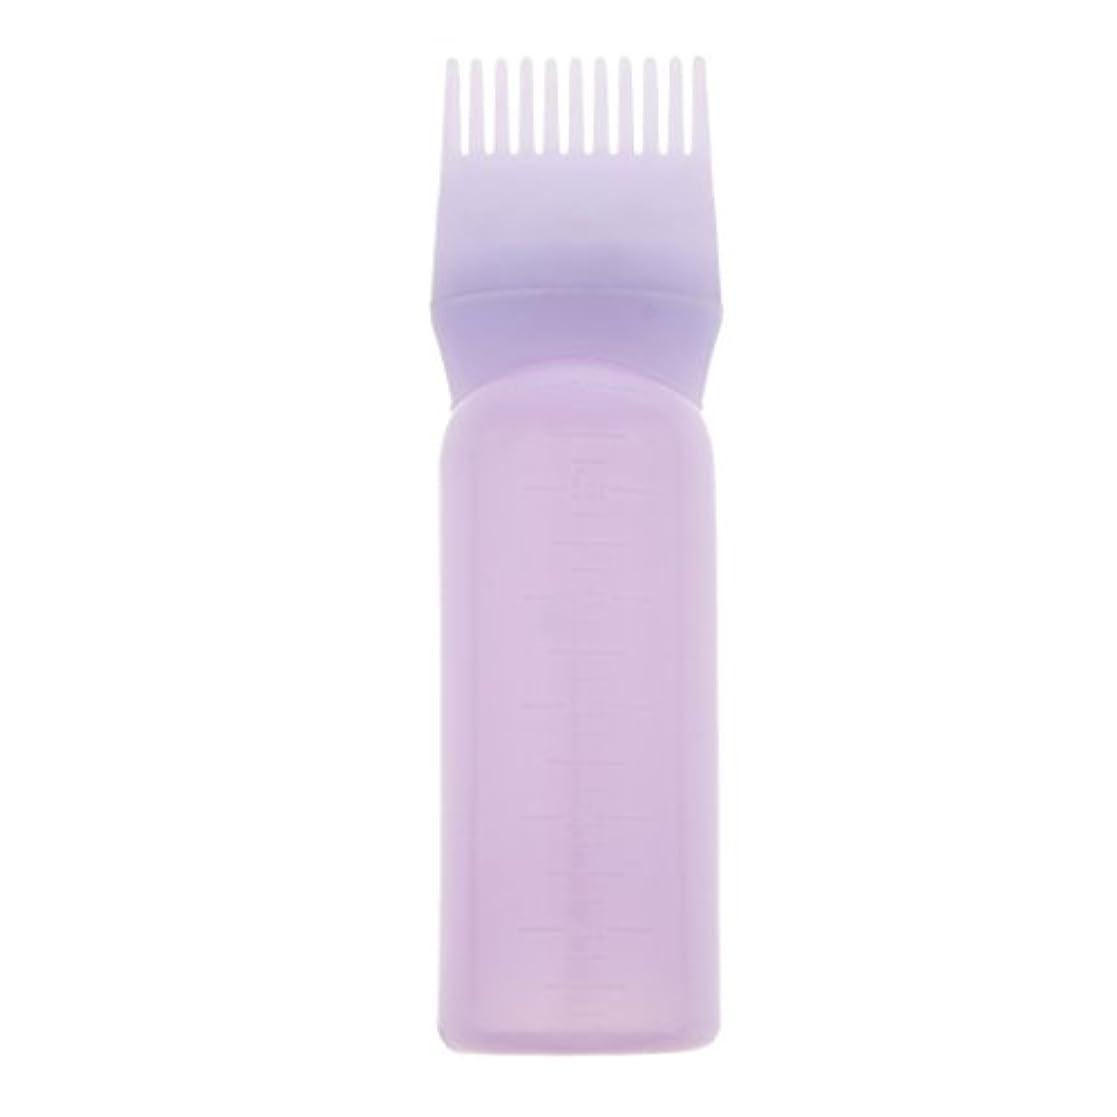 フルーティー顕微鏡稼ぐルートコームヘアダイボトルアプリケーターサロンヘアカラーディスペンサーブラシ(120ml) - 紫